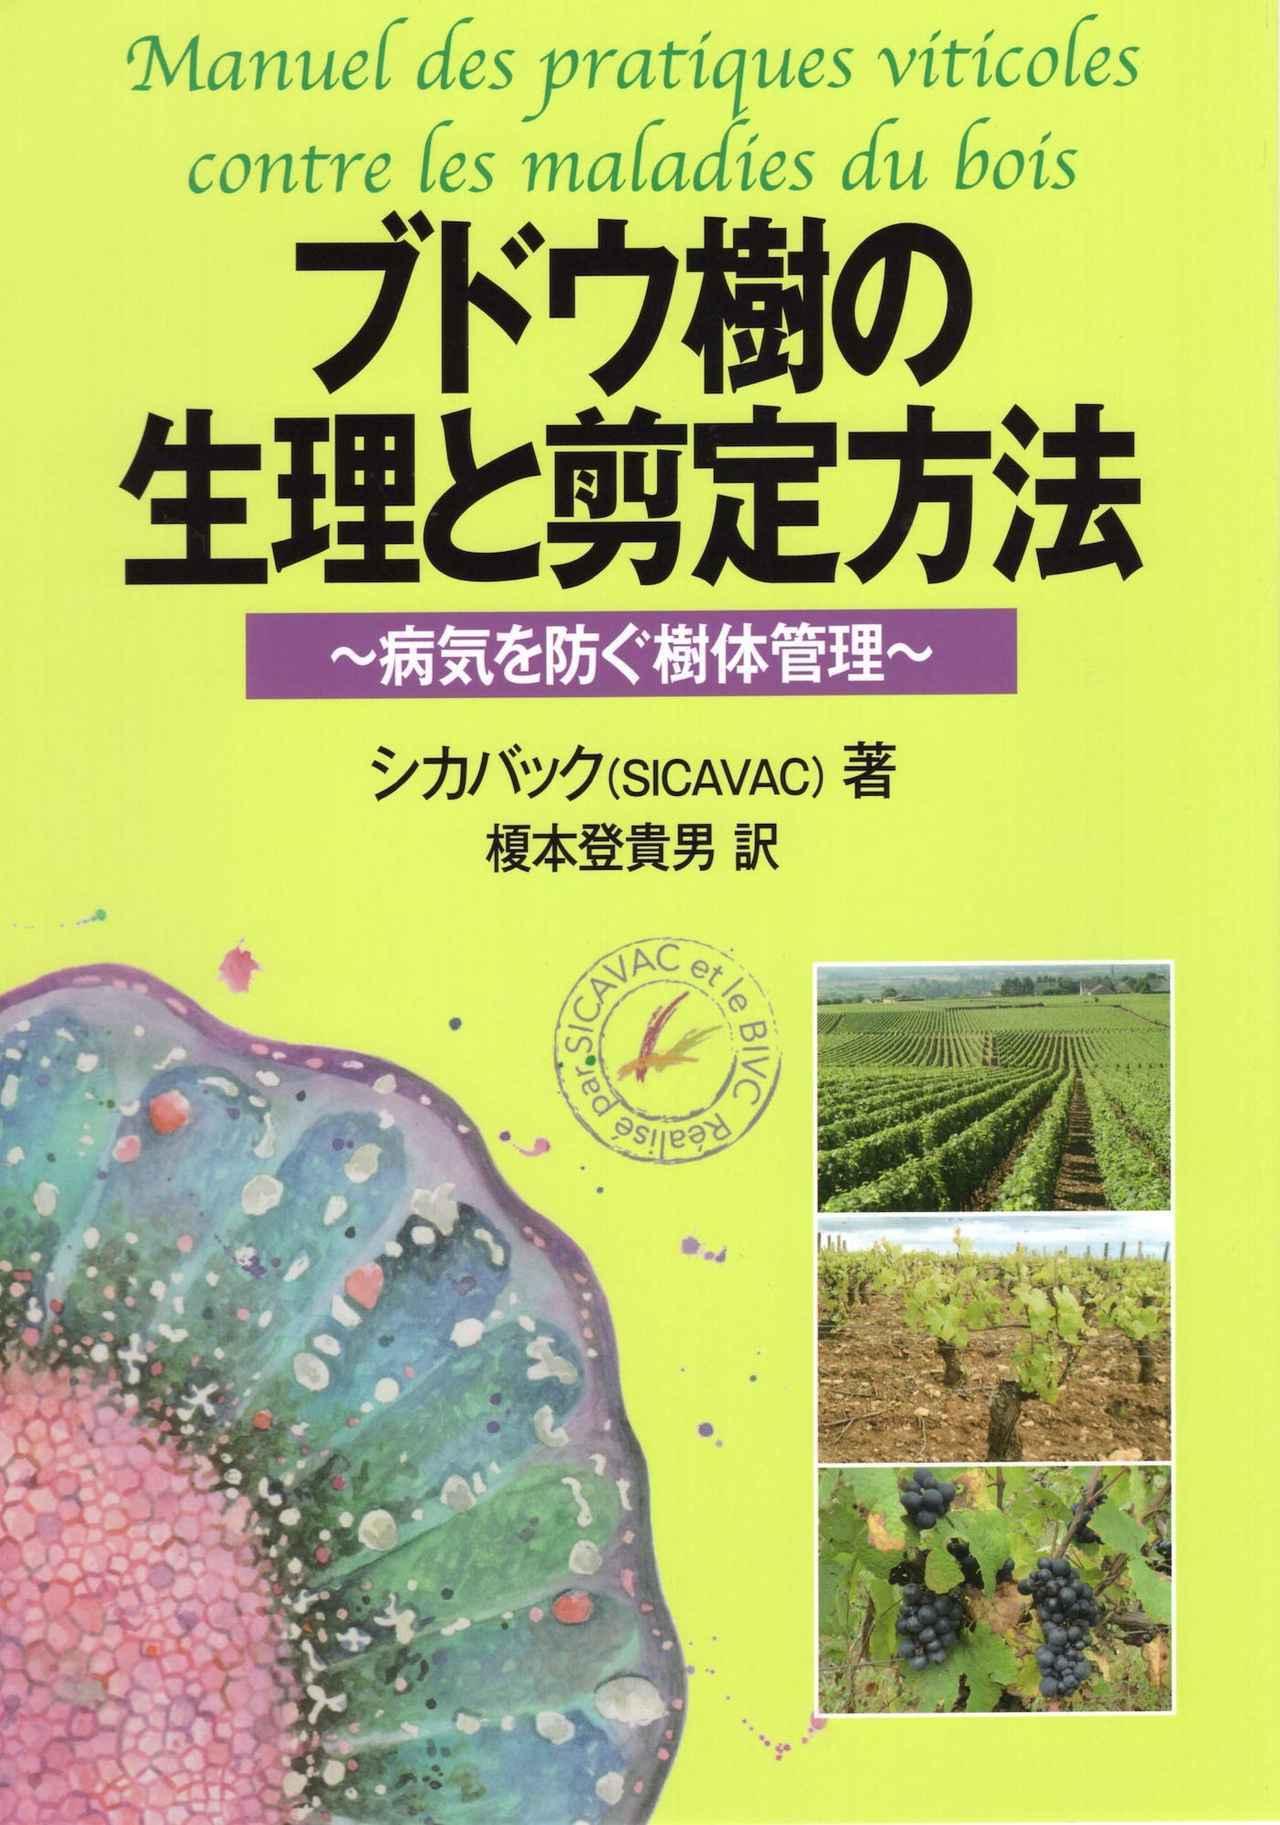 画像: 『ブドウ樹の生理と剪定方法』〜WK Library お勧めブックガイド〜